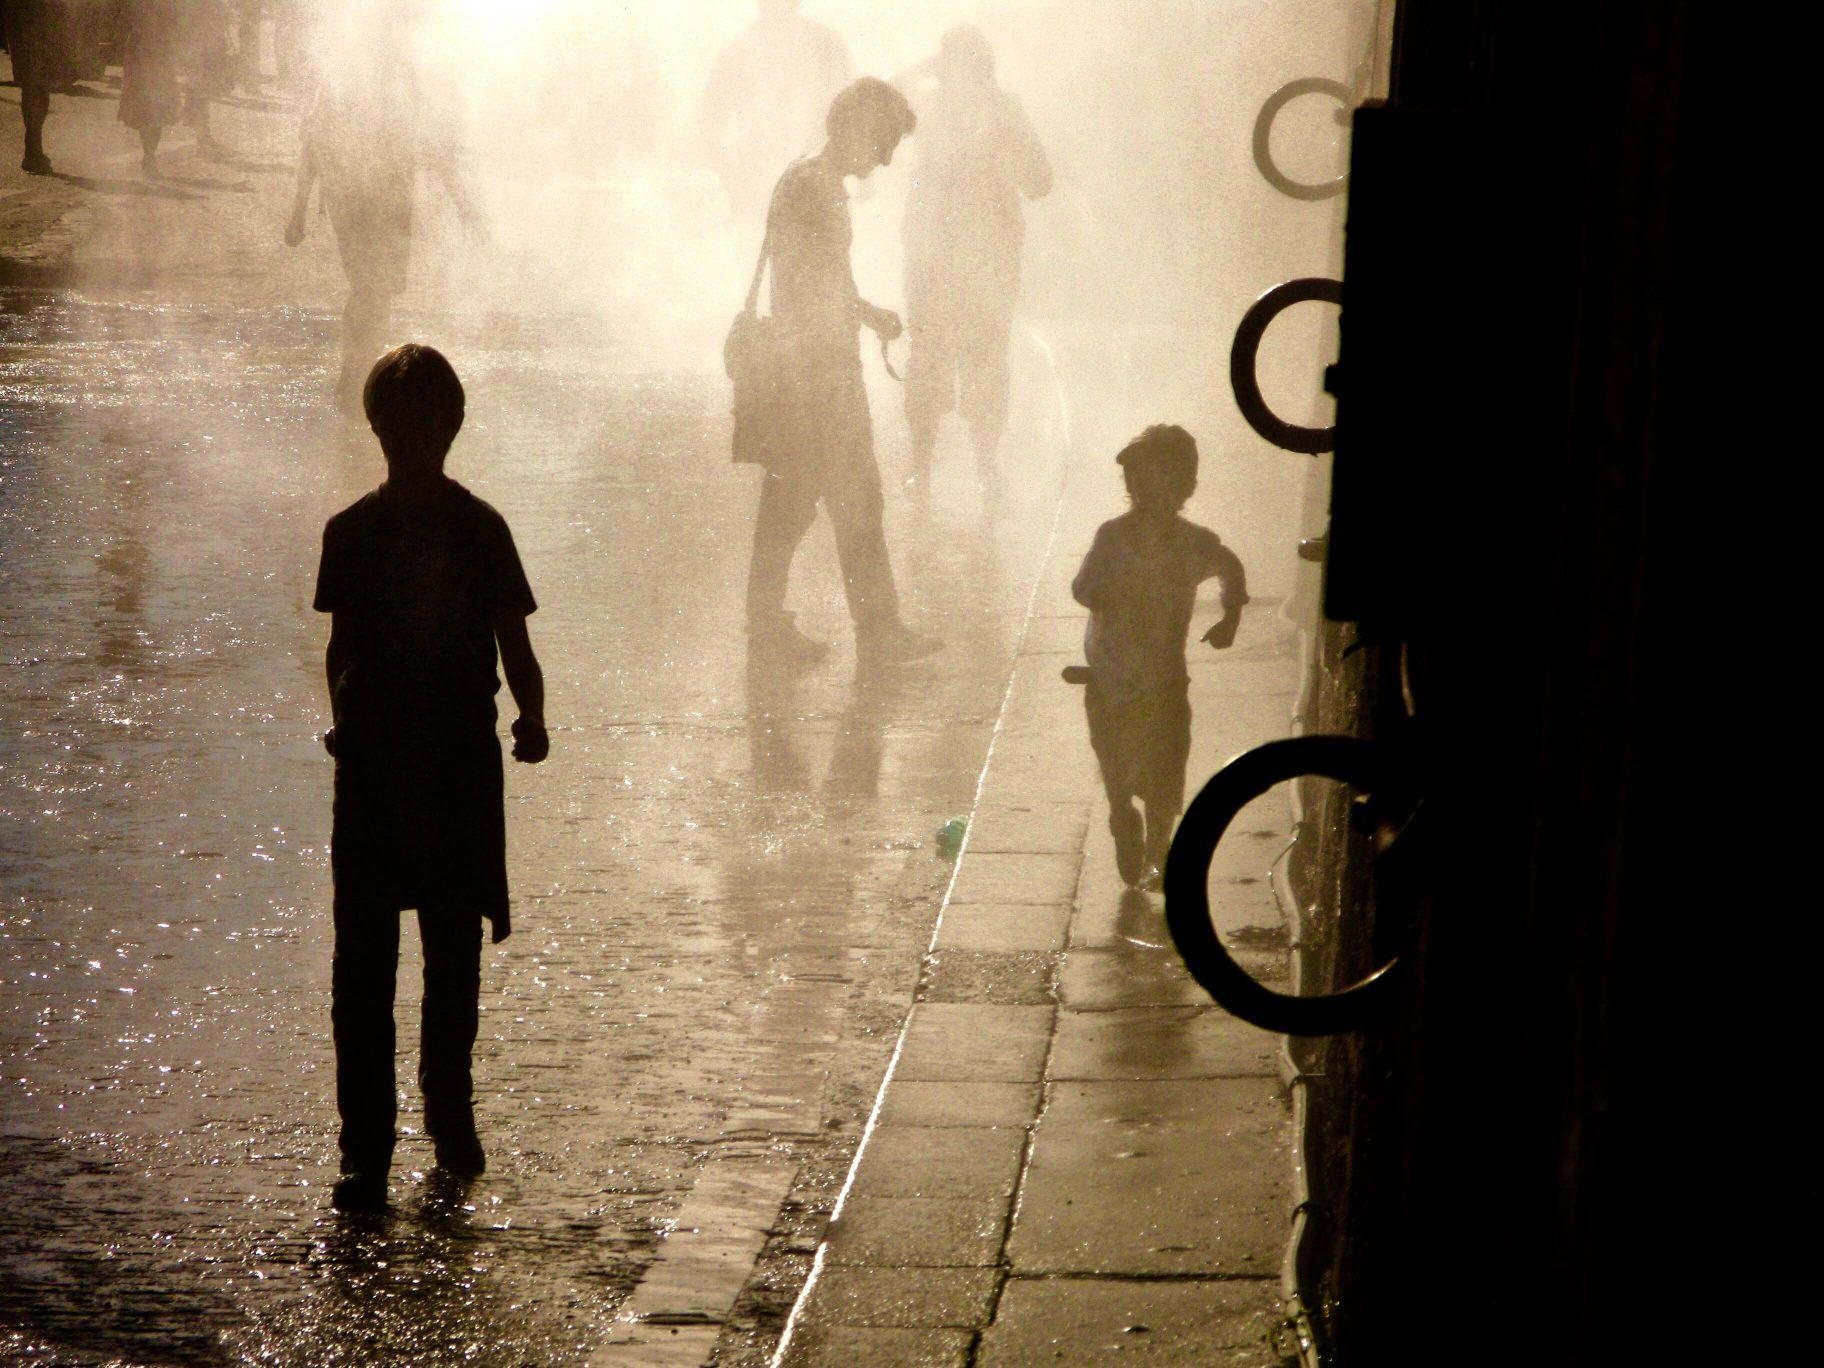 Contre-jour à Paris Plage sous les diffuseurs d'eau